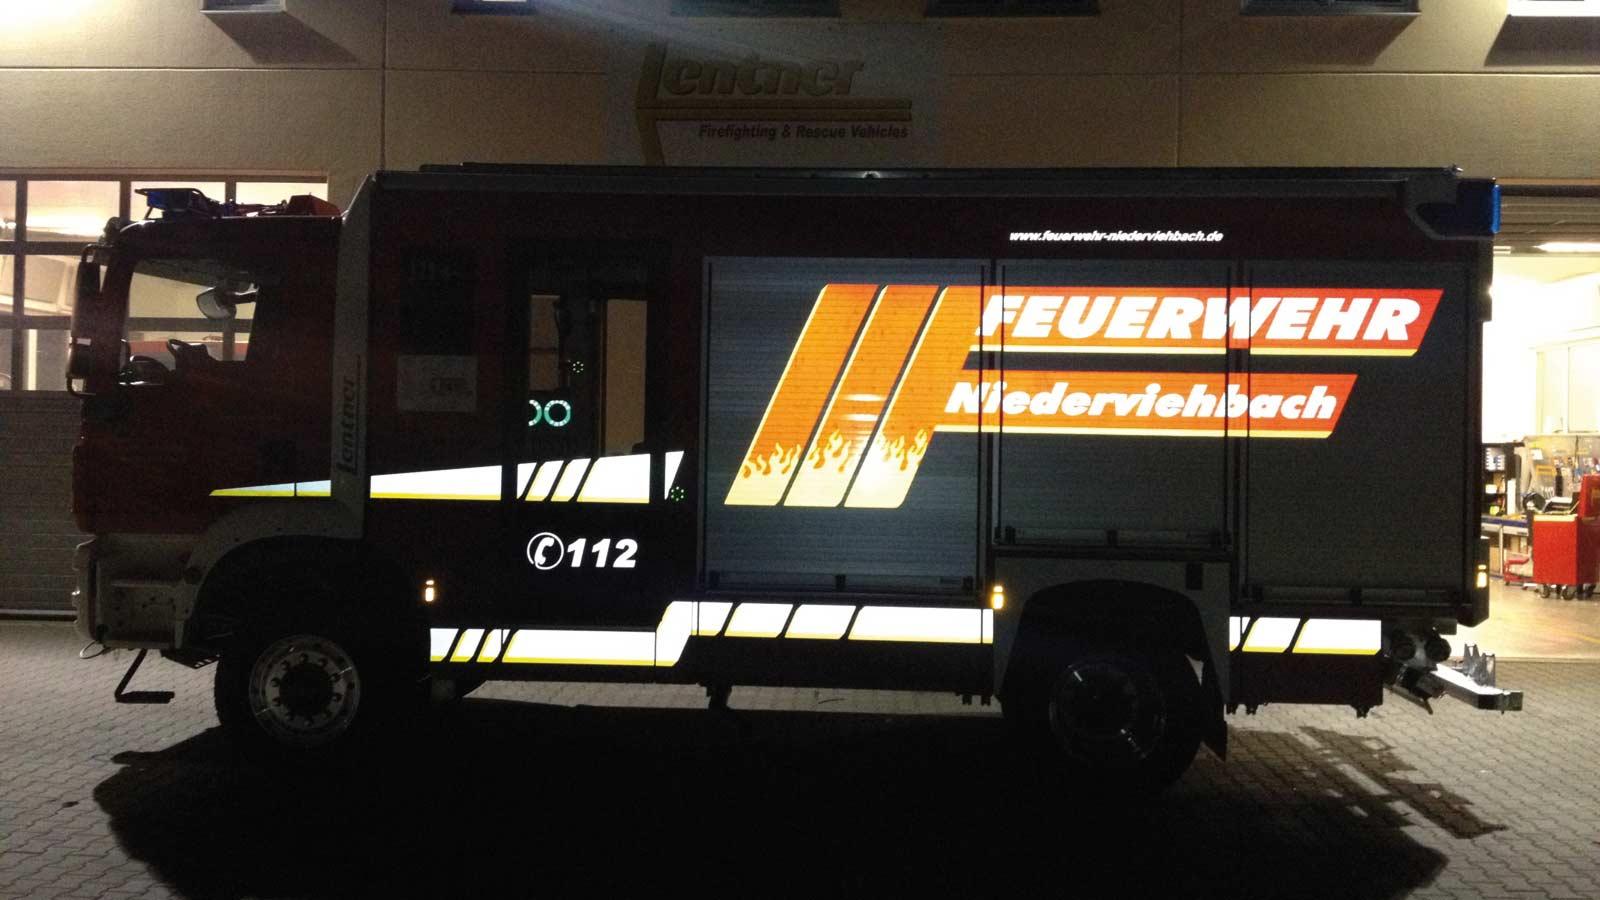 Reflektierende-Fahrzeug-Beklebung-mit-Flammen-Design.jpg